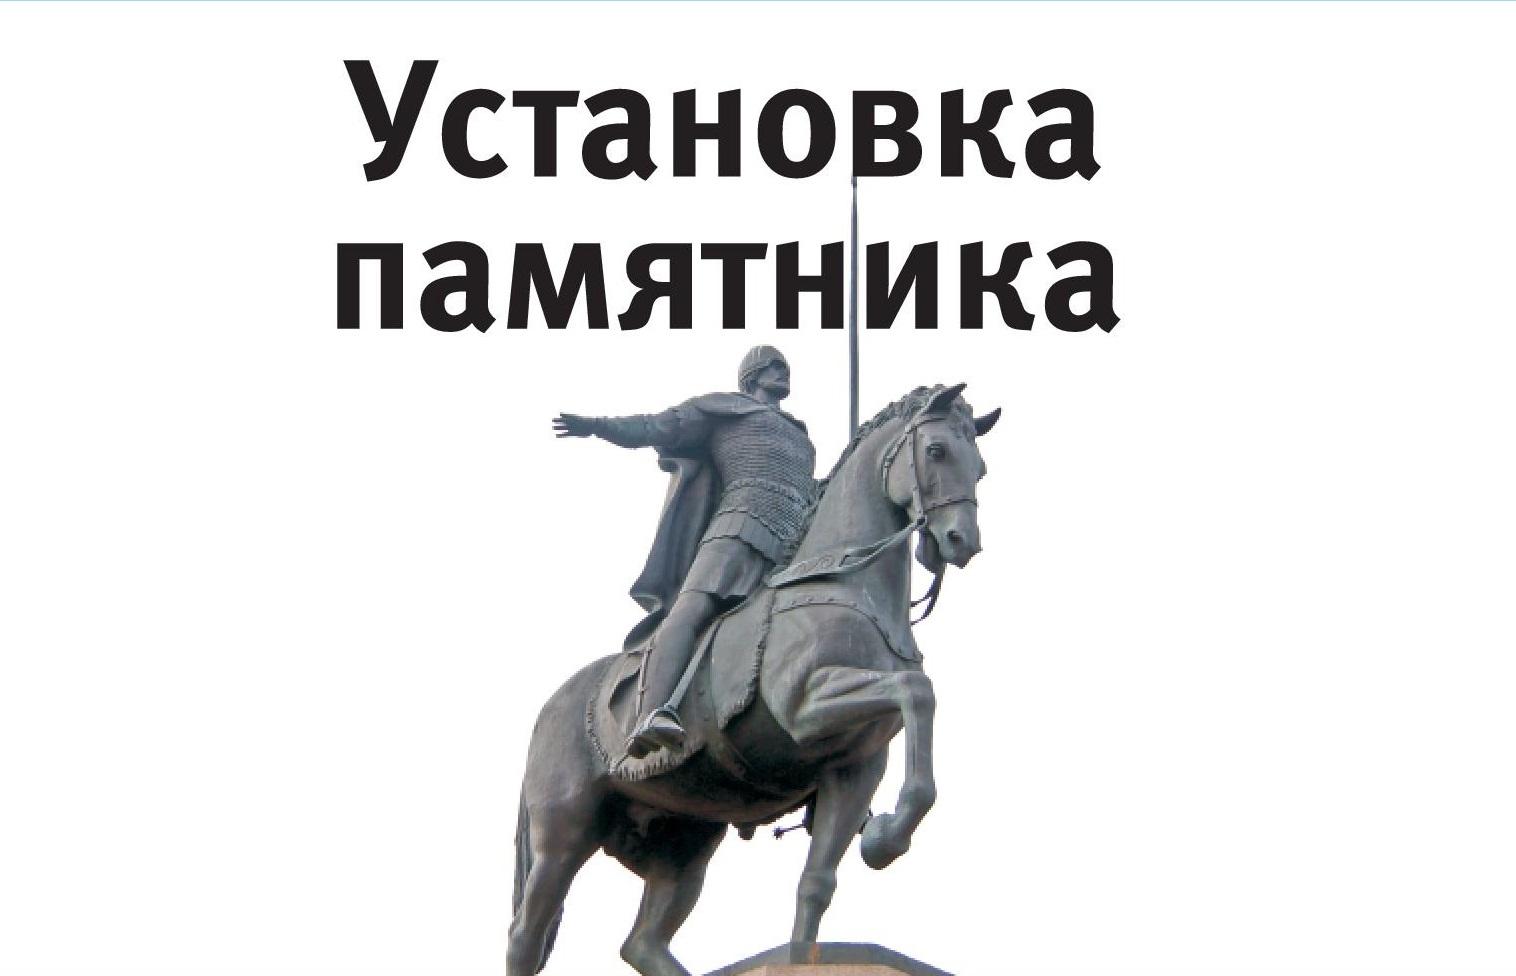 В Нижнем Новгороде может появиться новый памятник!